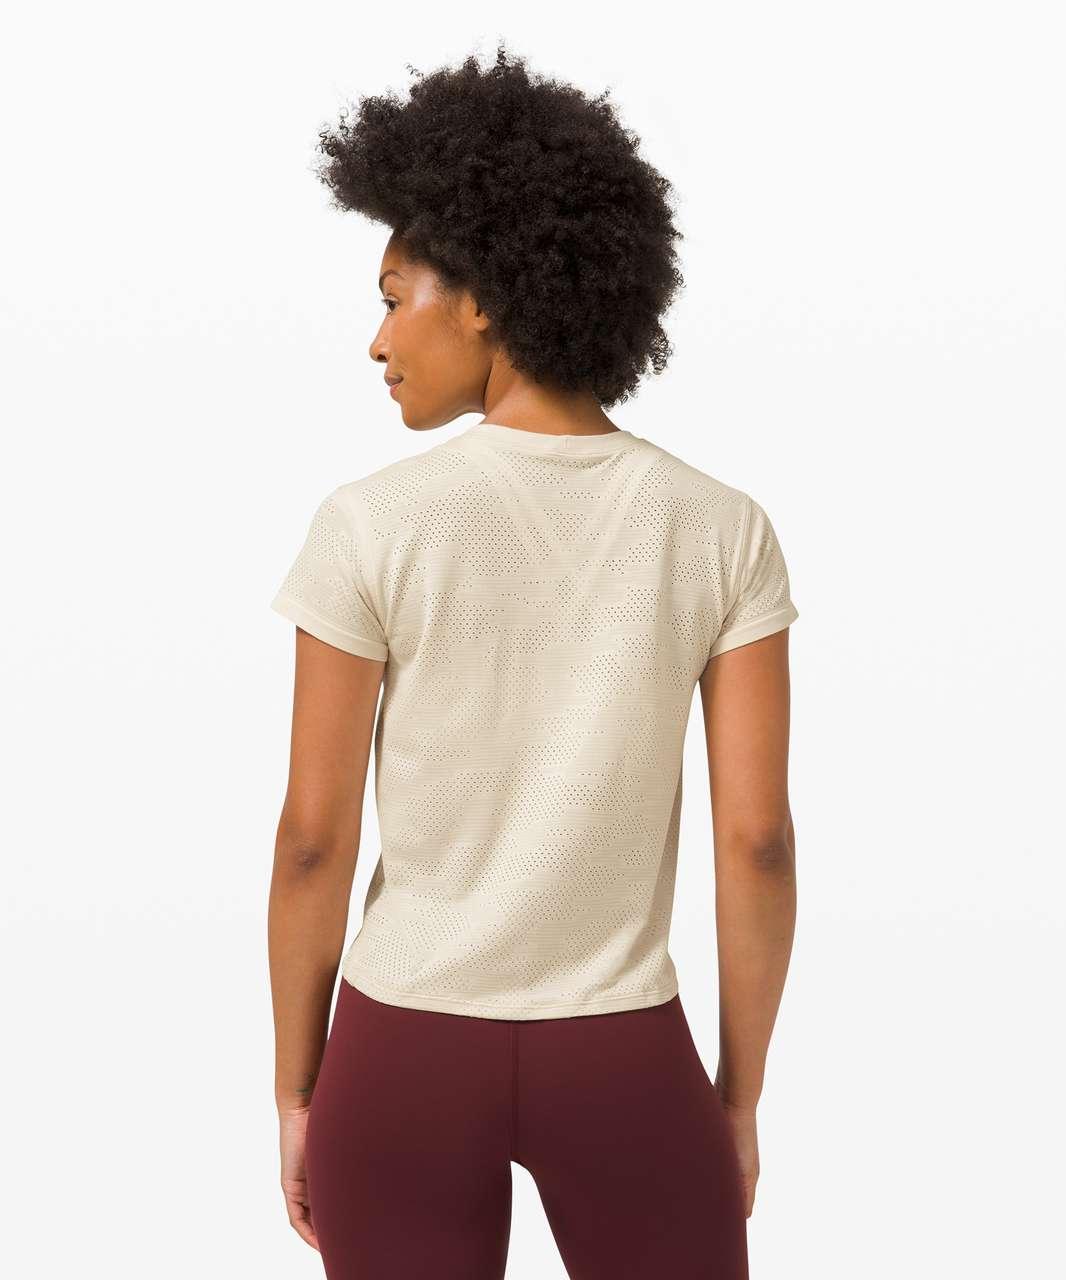 Lululemon Train to Be Short Sleeve *Camo - Dot Camo White Opal